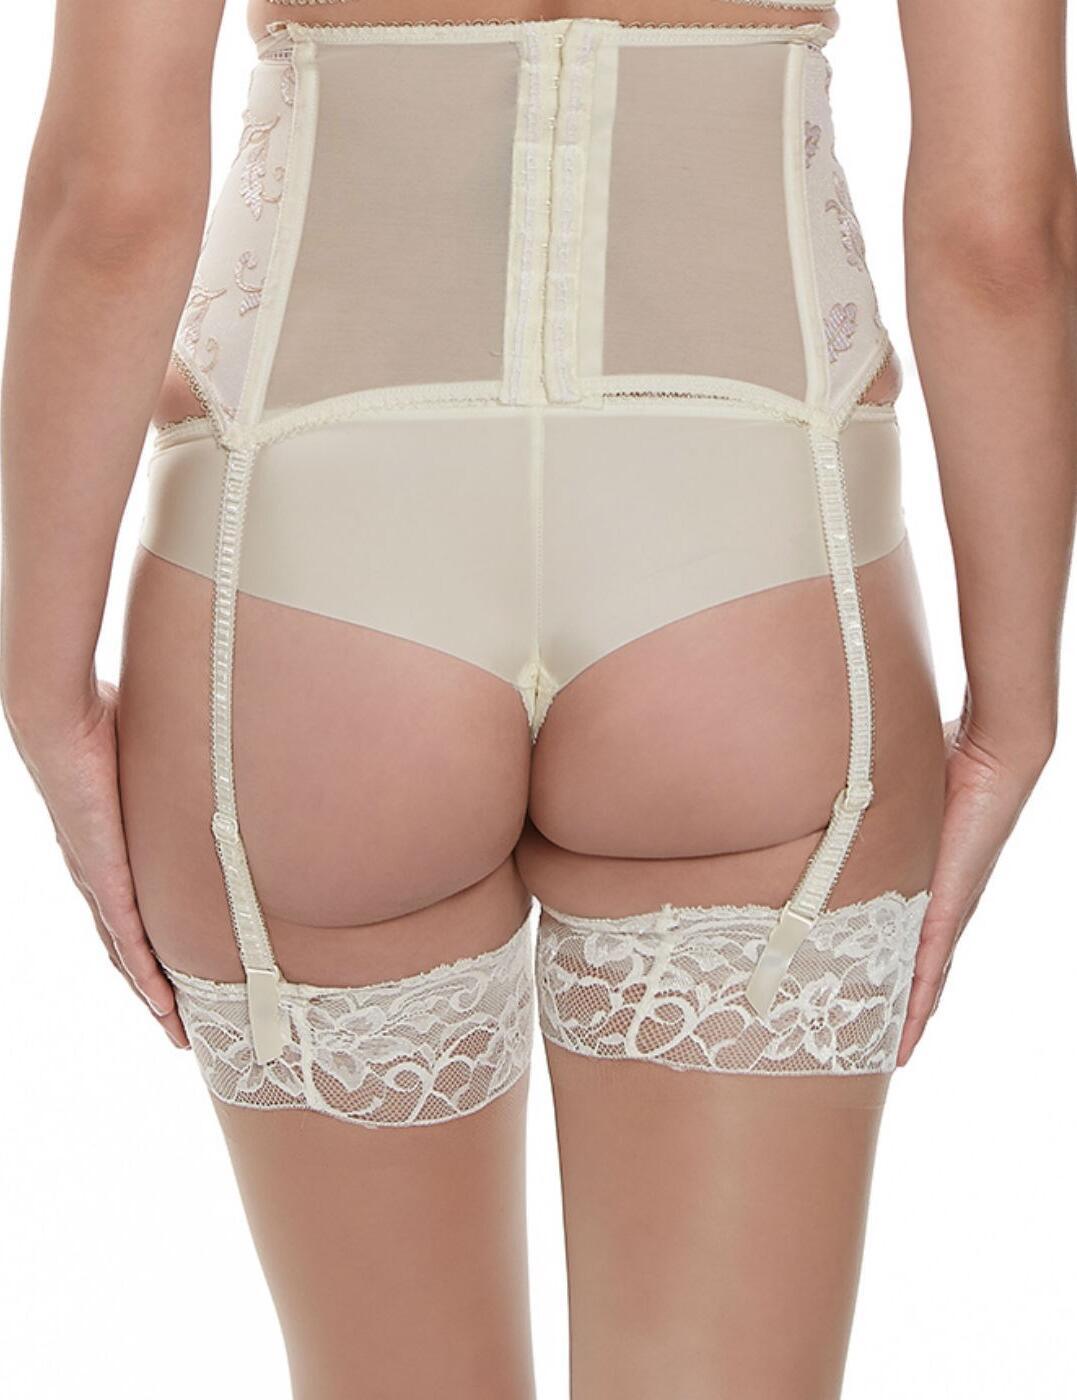 Fantasie Sofia Waspie Deep Suspender Belt 9328 Ivory Luxury Fantasie Lingerie